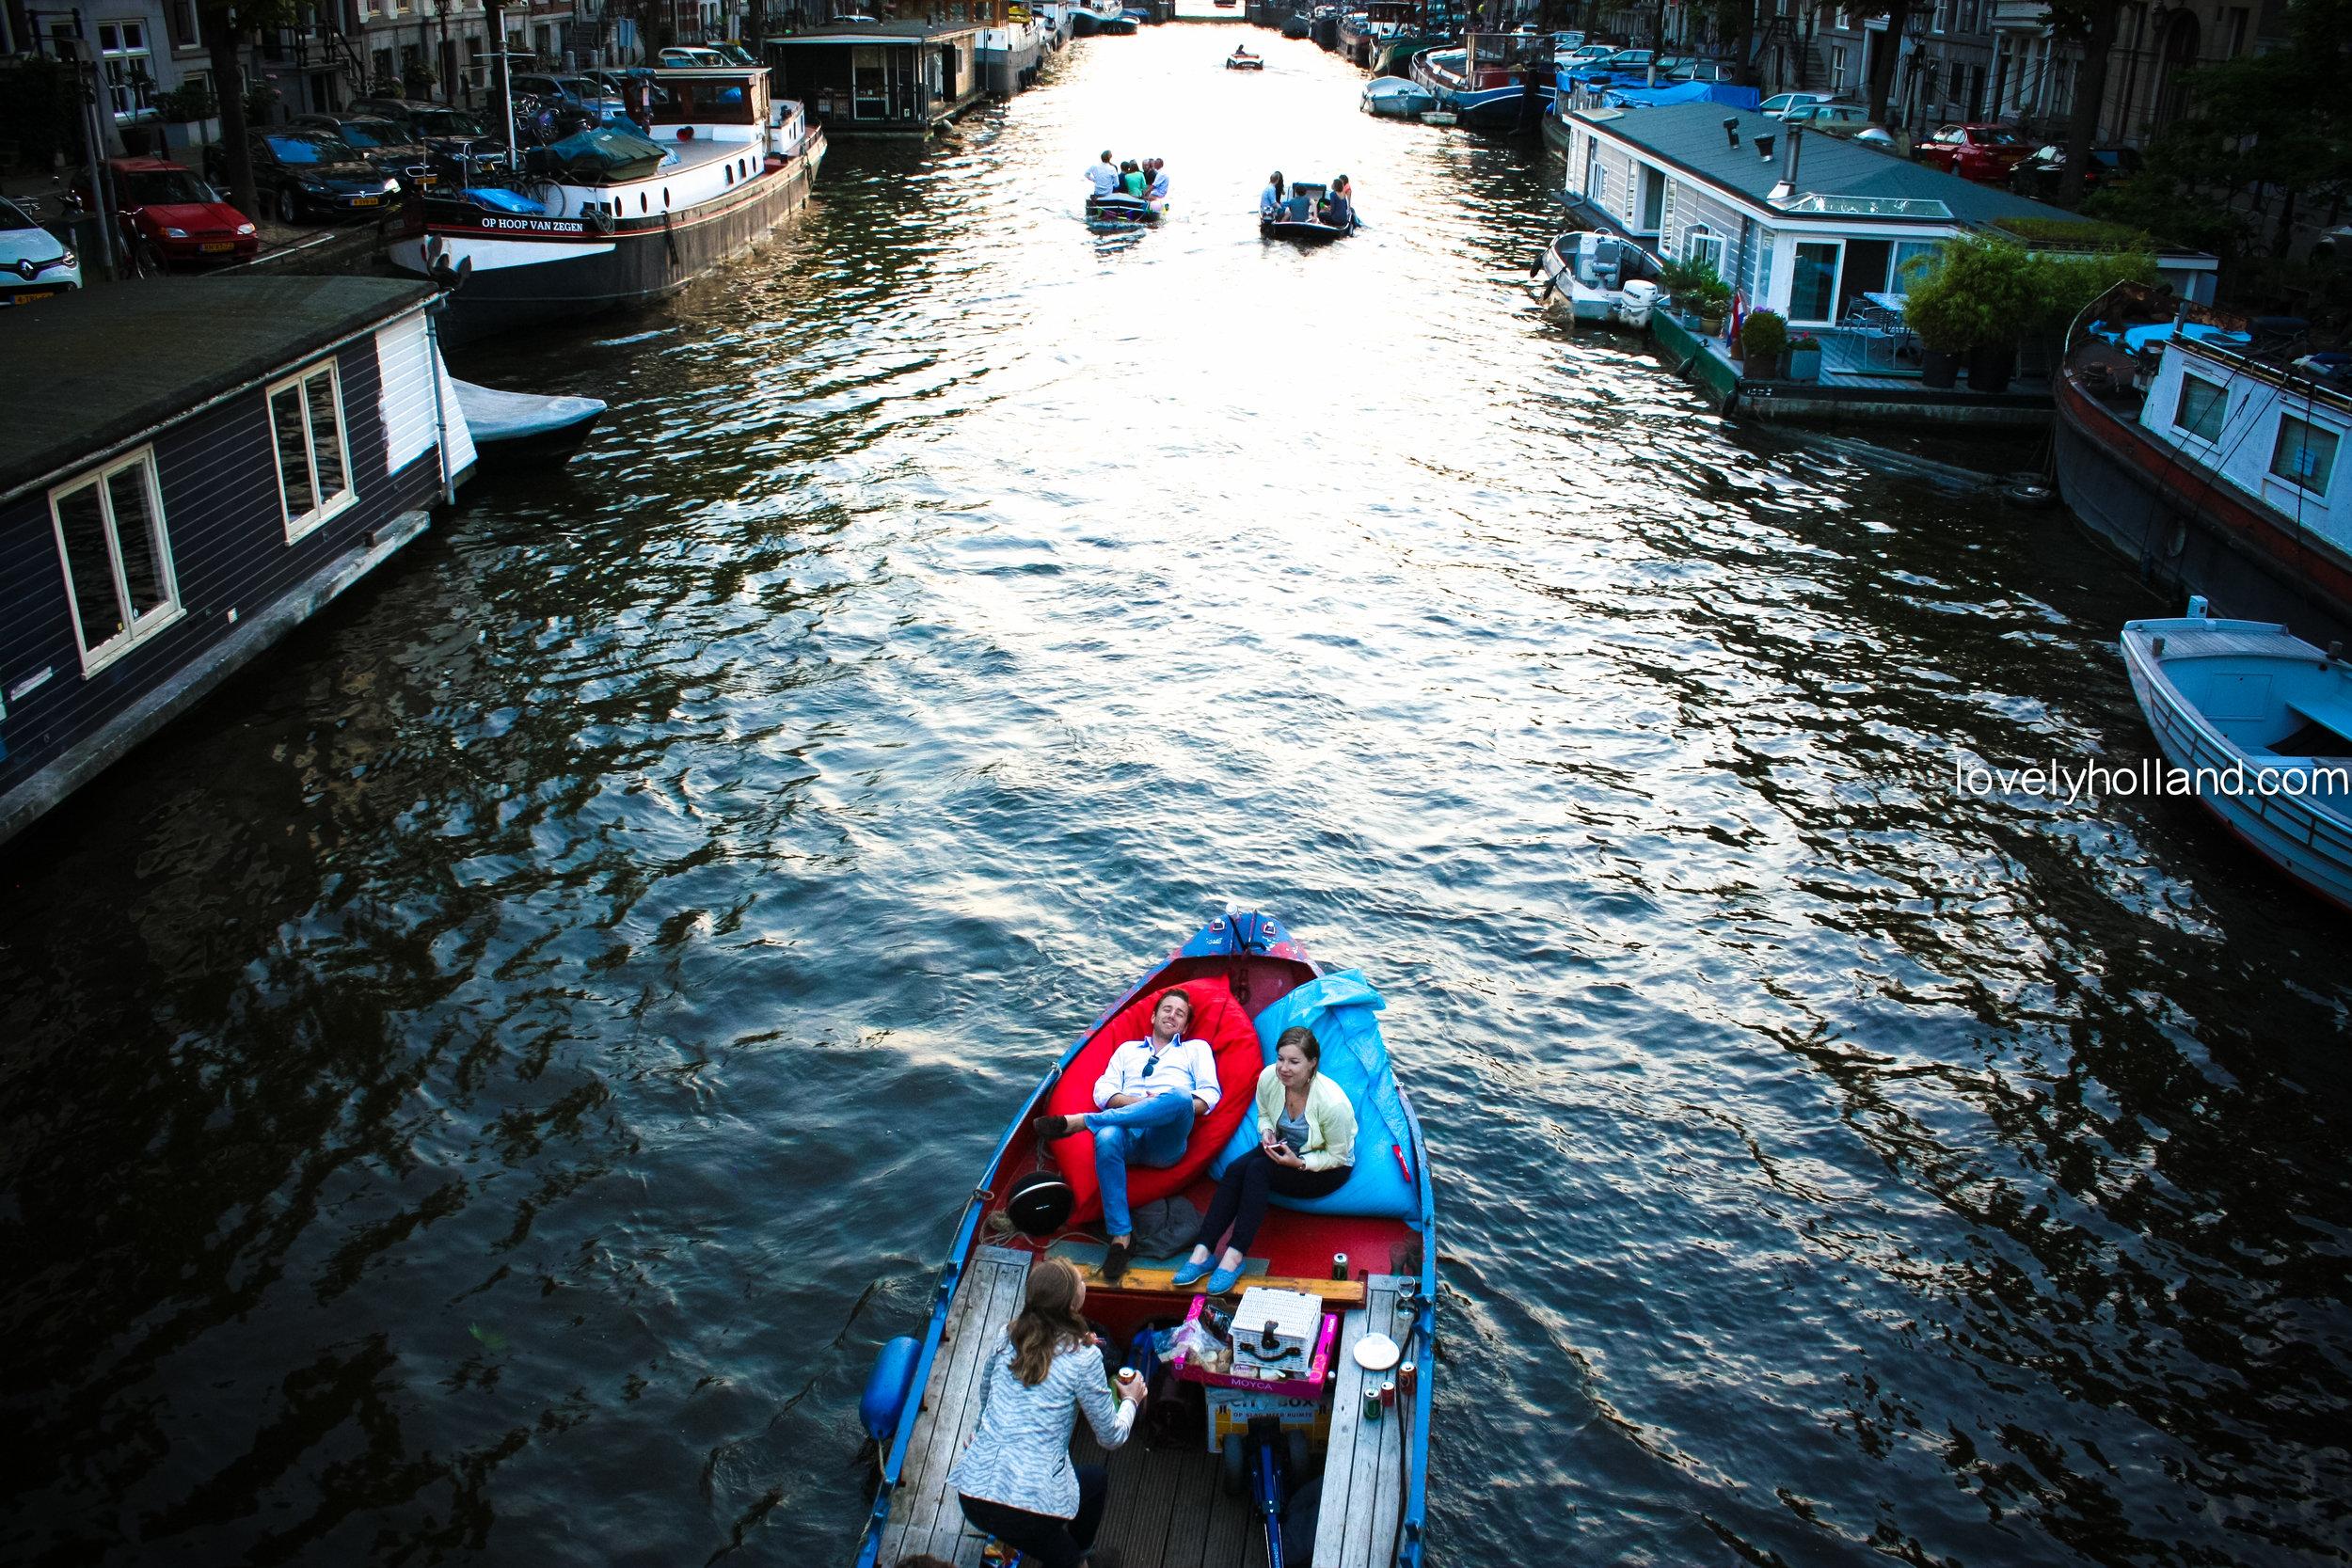 一到夏天,阿姆斯特丹運河上到處是載滿三五好友的小船。遊運河,喝香檳,歡度下班時光。